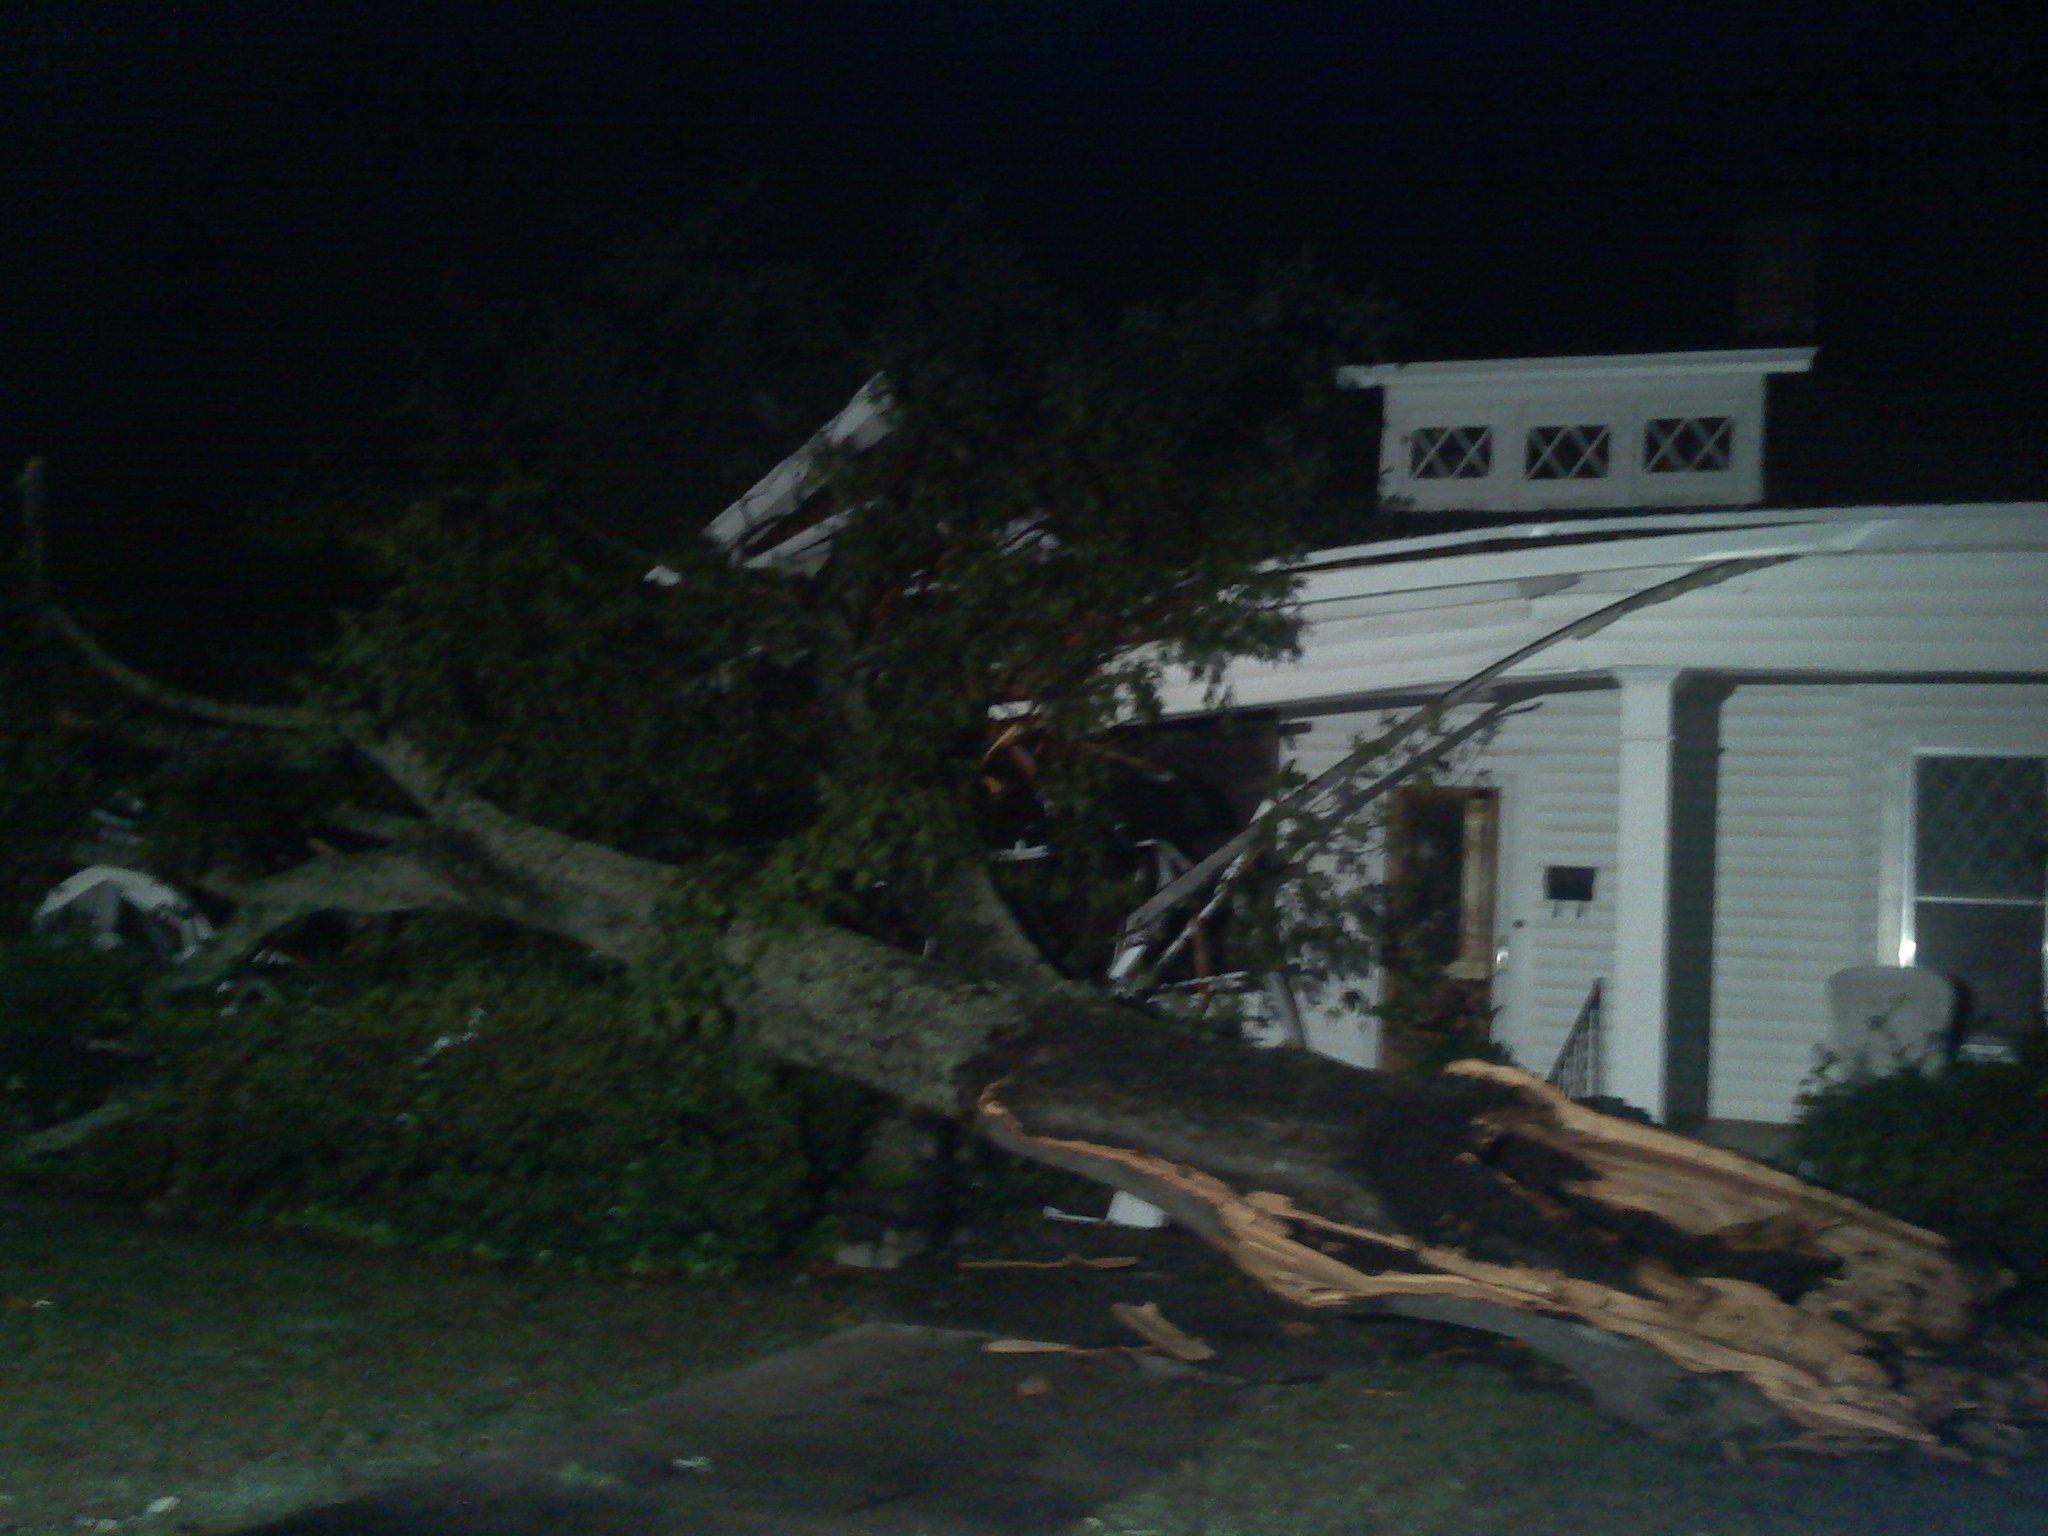 A tree fell on a house in Belton. Photo by Mark Warren/FOX Carolina.